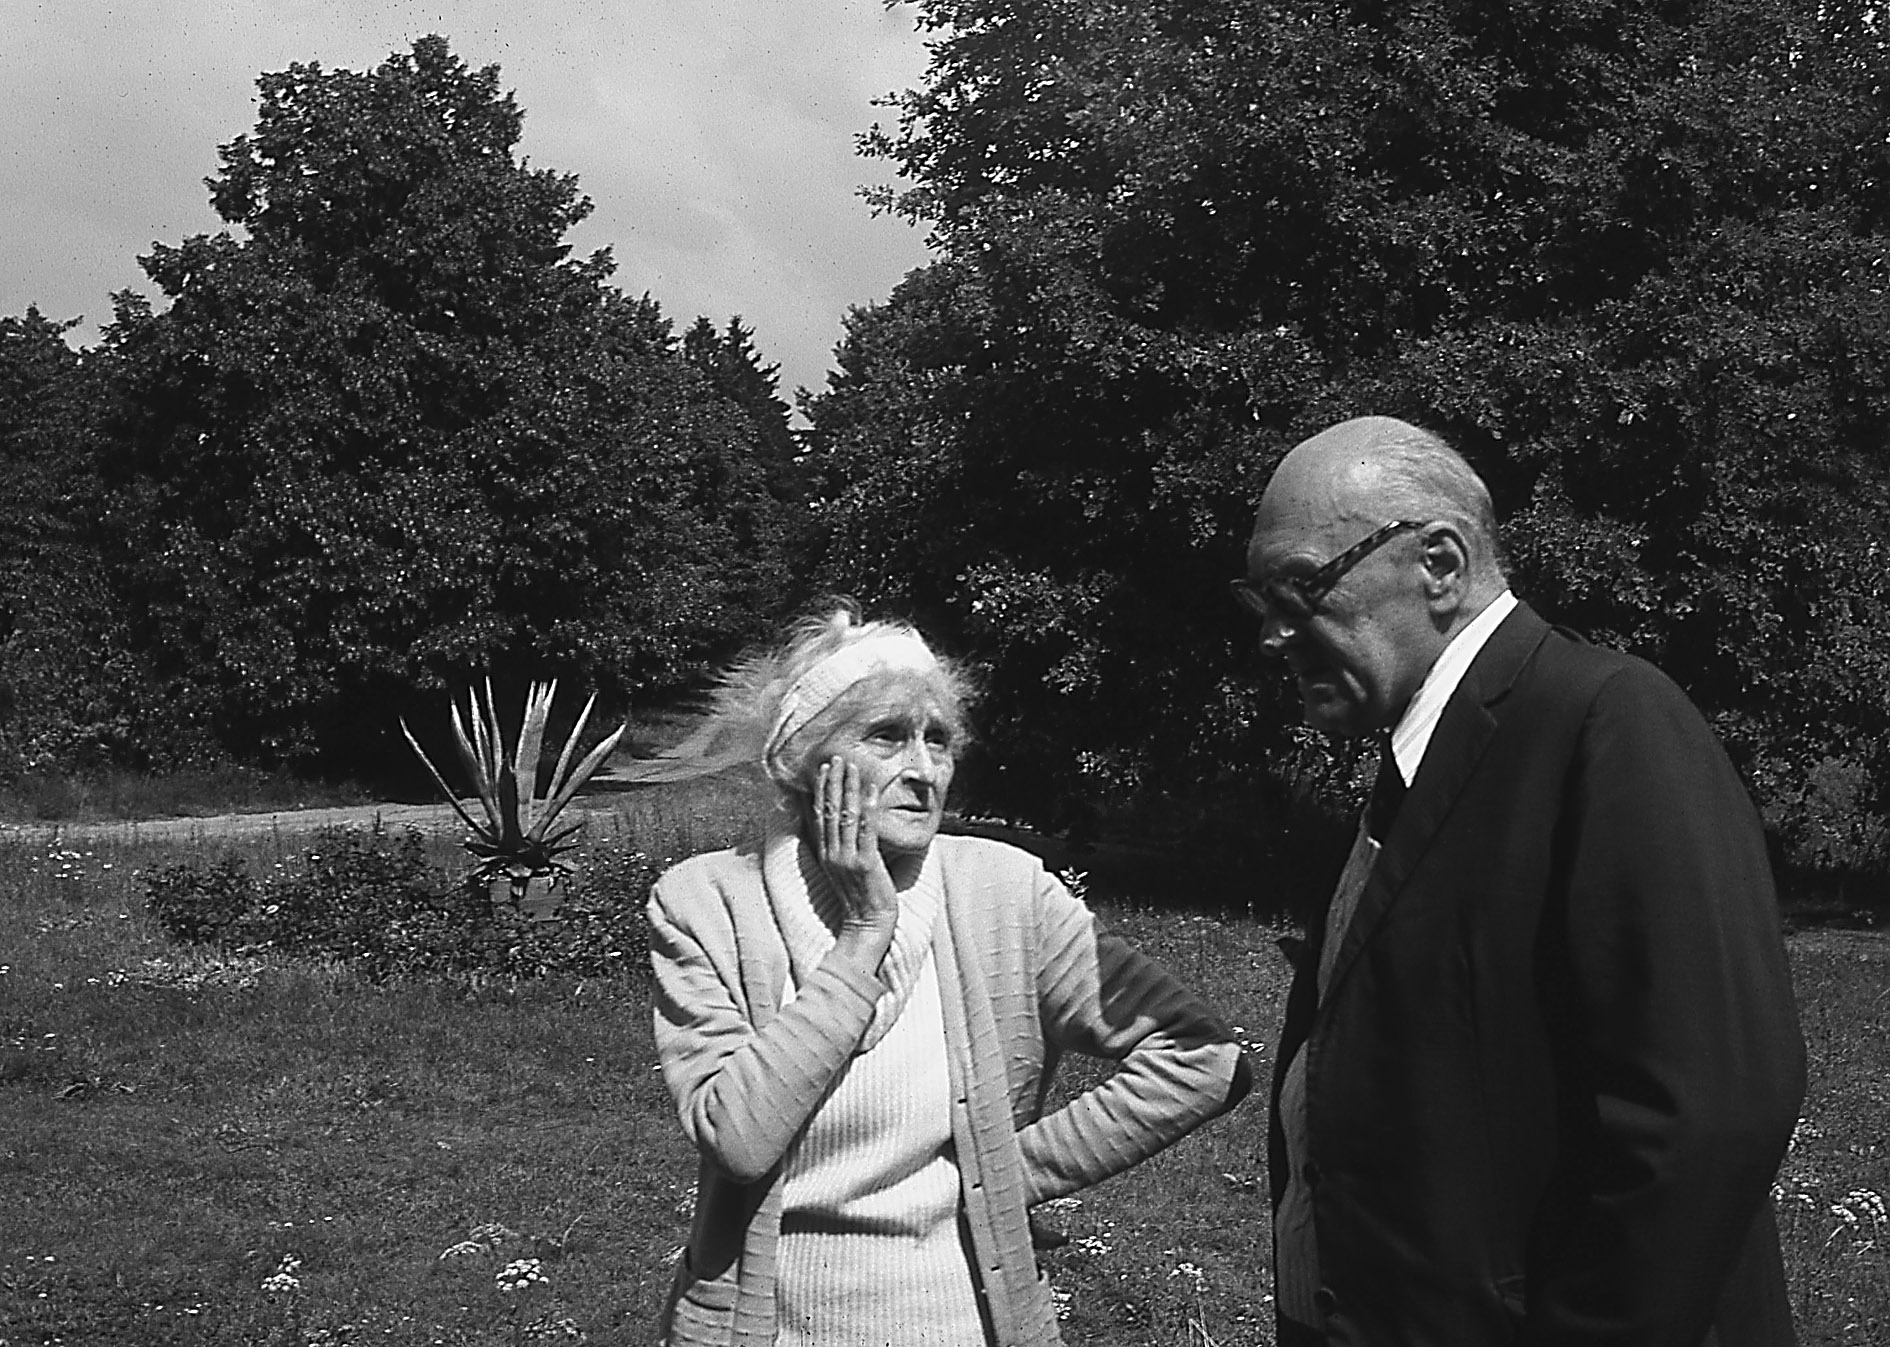 Anna i Jarosław na klombie przed Stawiskiem, lata siedemdziesiąte (fot. archiwum rodzinne)